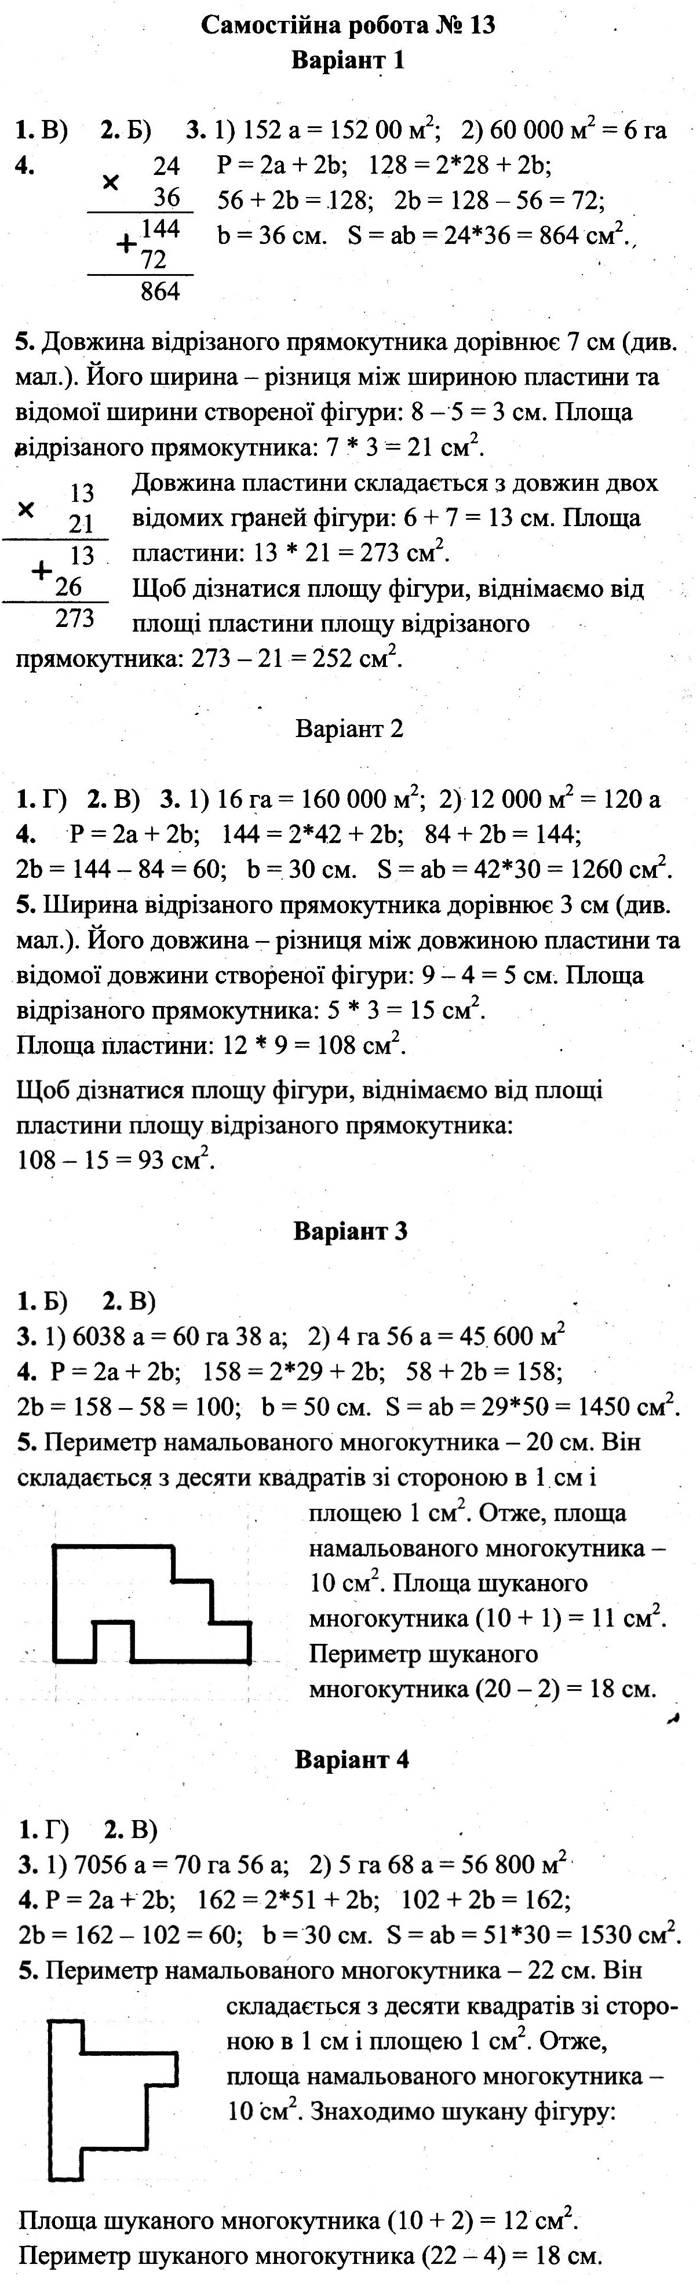 Розв'язання завдань до самостійної роботи 13 посібника 5 клас Математика Мерзляк (збірник самостійних робіт і тестів) 2020 рік